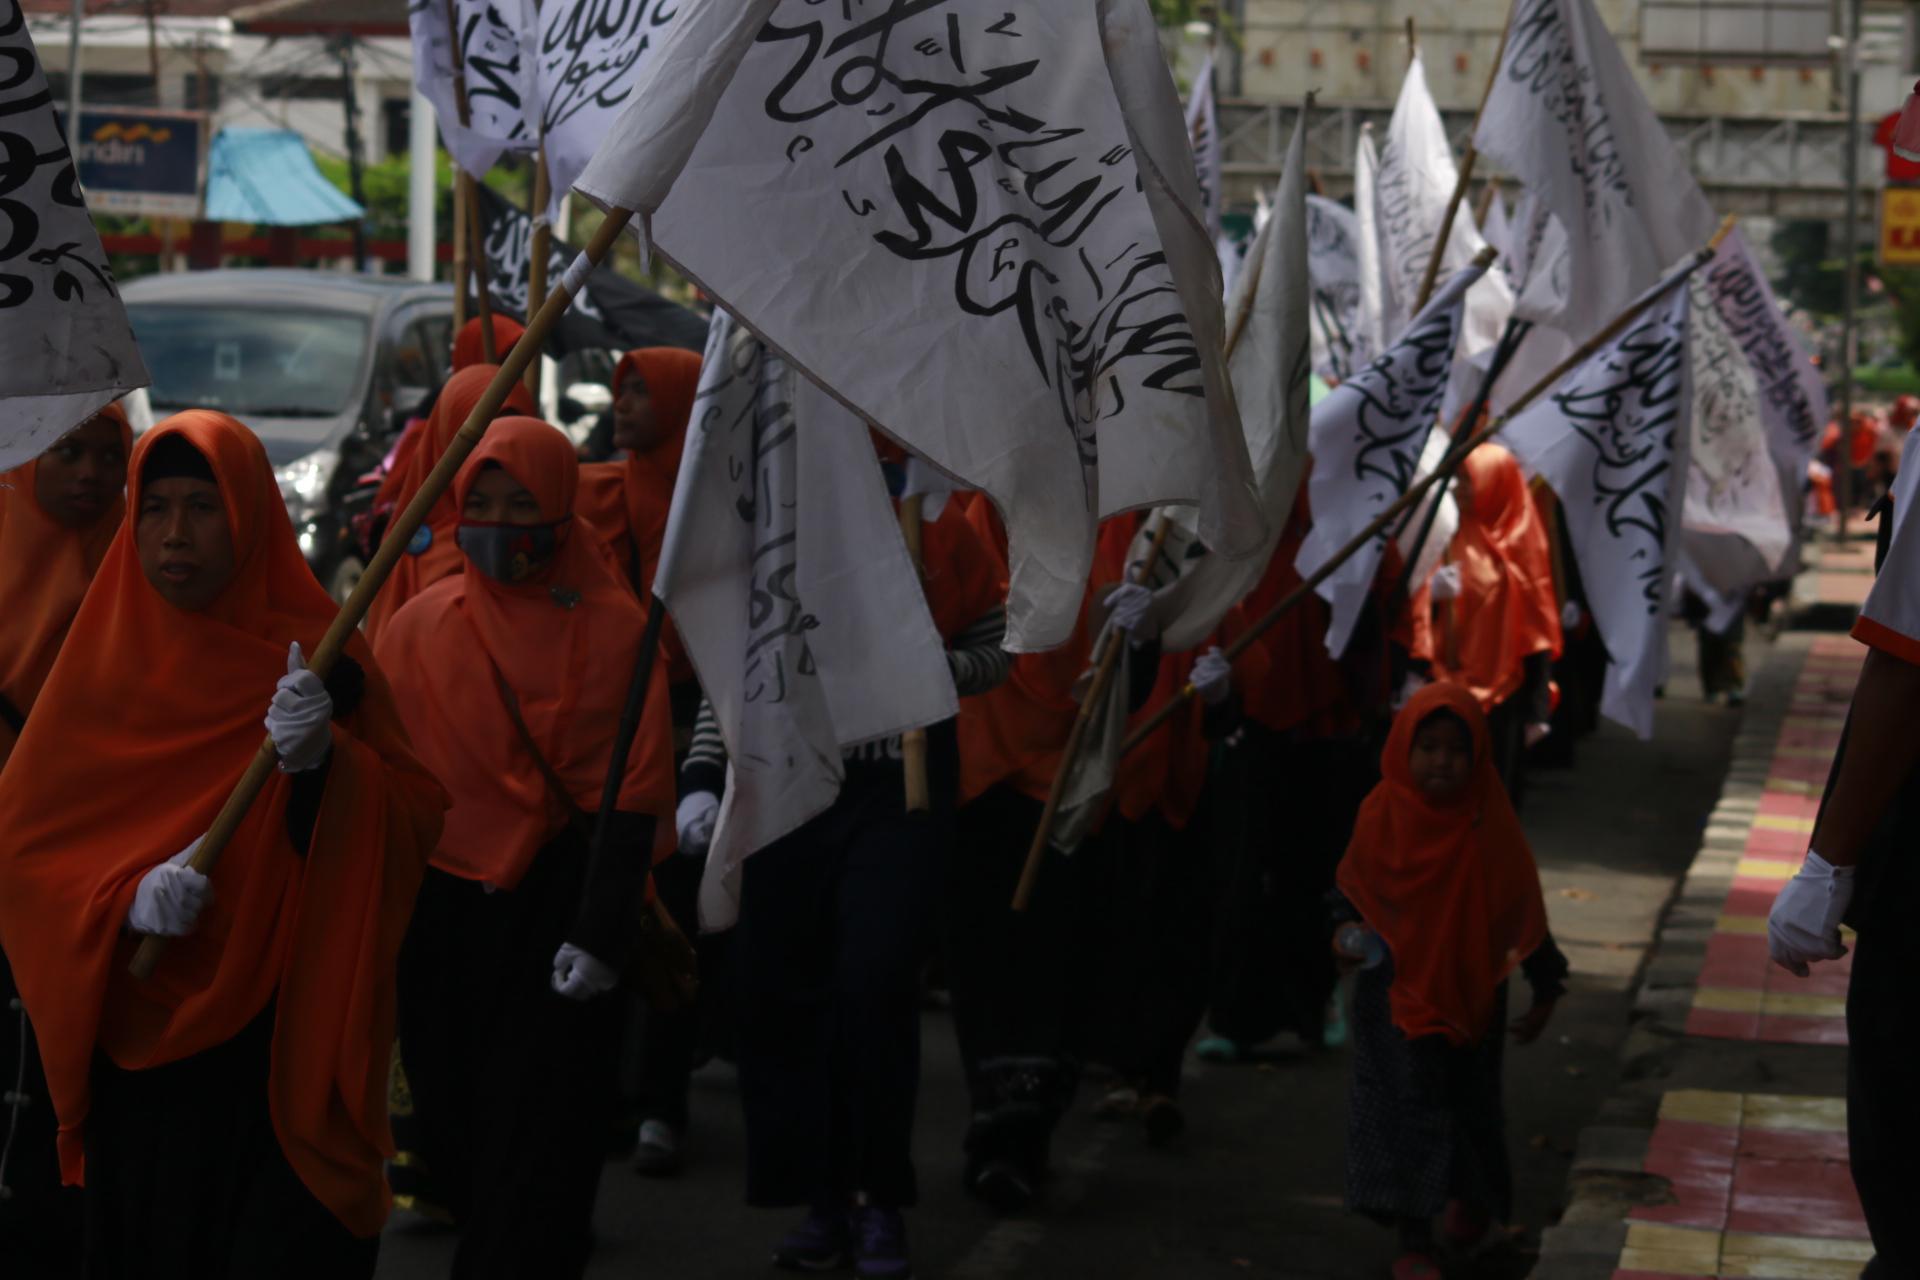 Ratusan massa dari Hizbut Tahrir Indonesia (HTI) DPD I Lampung menggelar long march dari Taman Makam Pahlawan hingga Tugu Adipura, Minggu (19/03). Aksi damai ini dalam rangka sosialisasi mengenal bendera dan panji Rasullah yang kerap disebut bendera teroris. (Lampungnews/El Shinta)